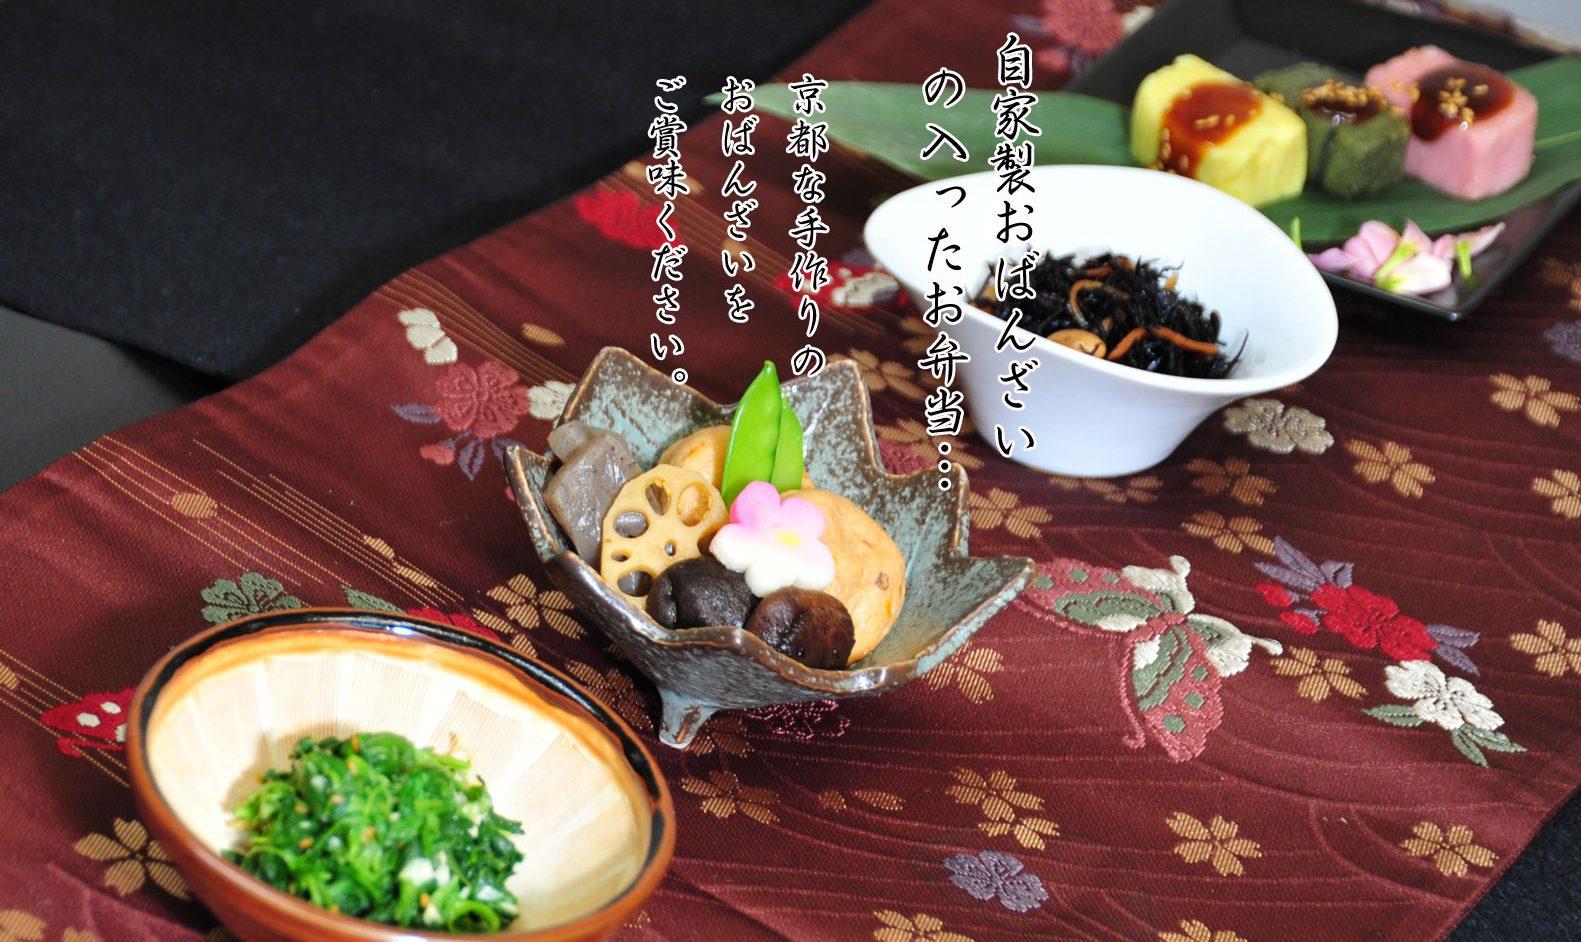 自家製おばんざい の入ったお弁当…  京都な手作りのおばんざいをご賞味ください。